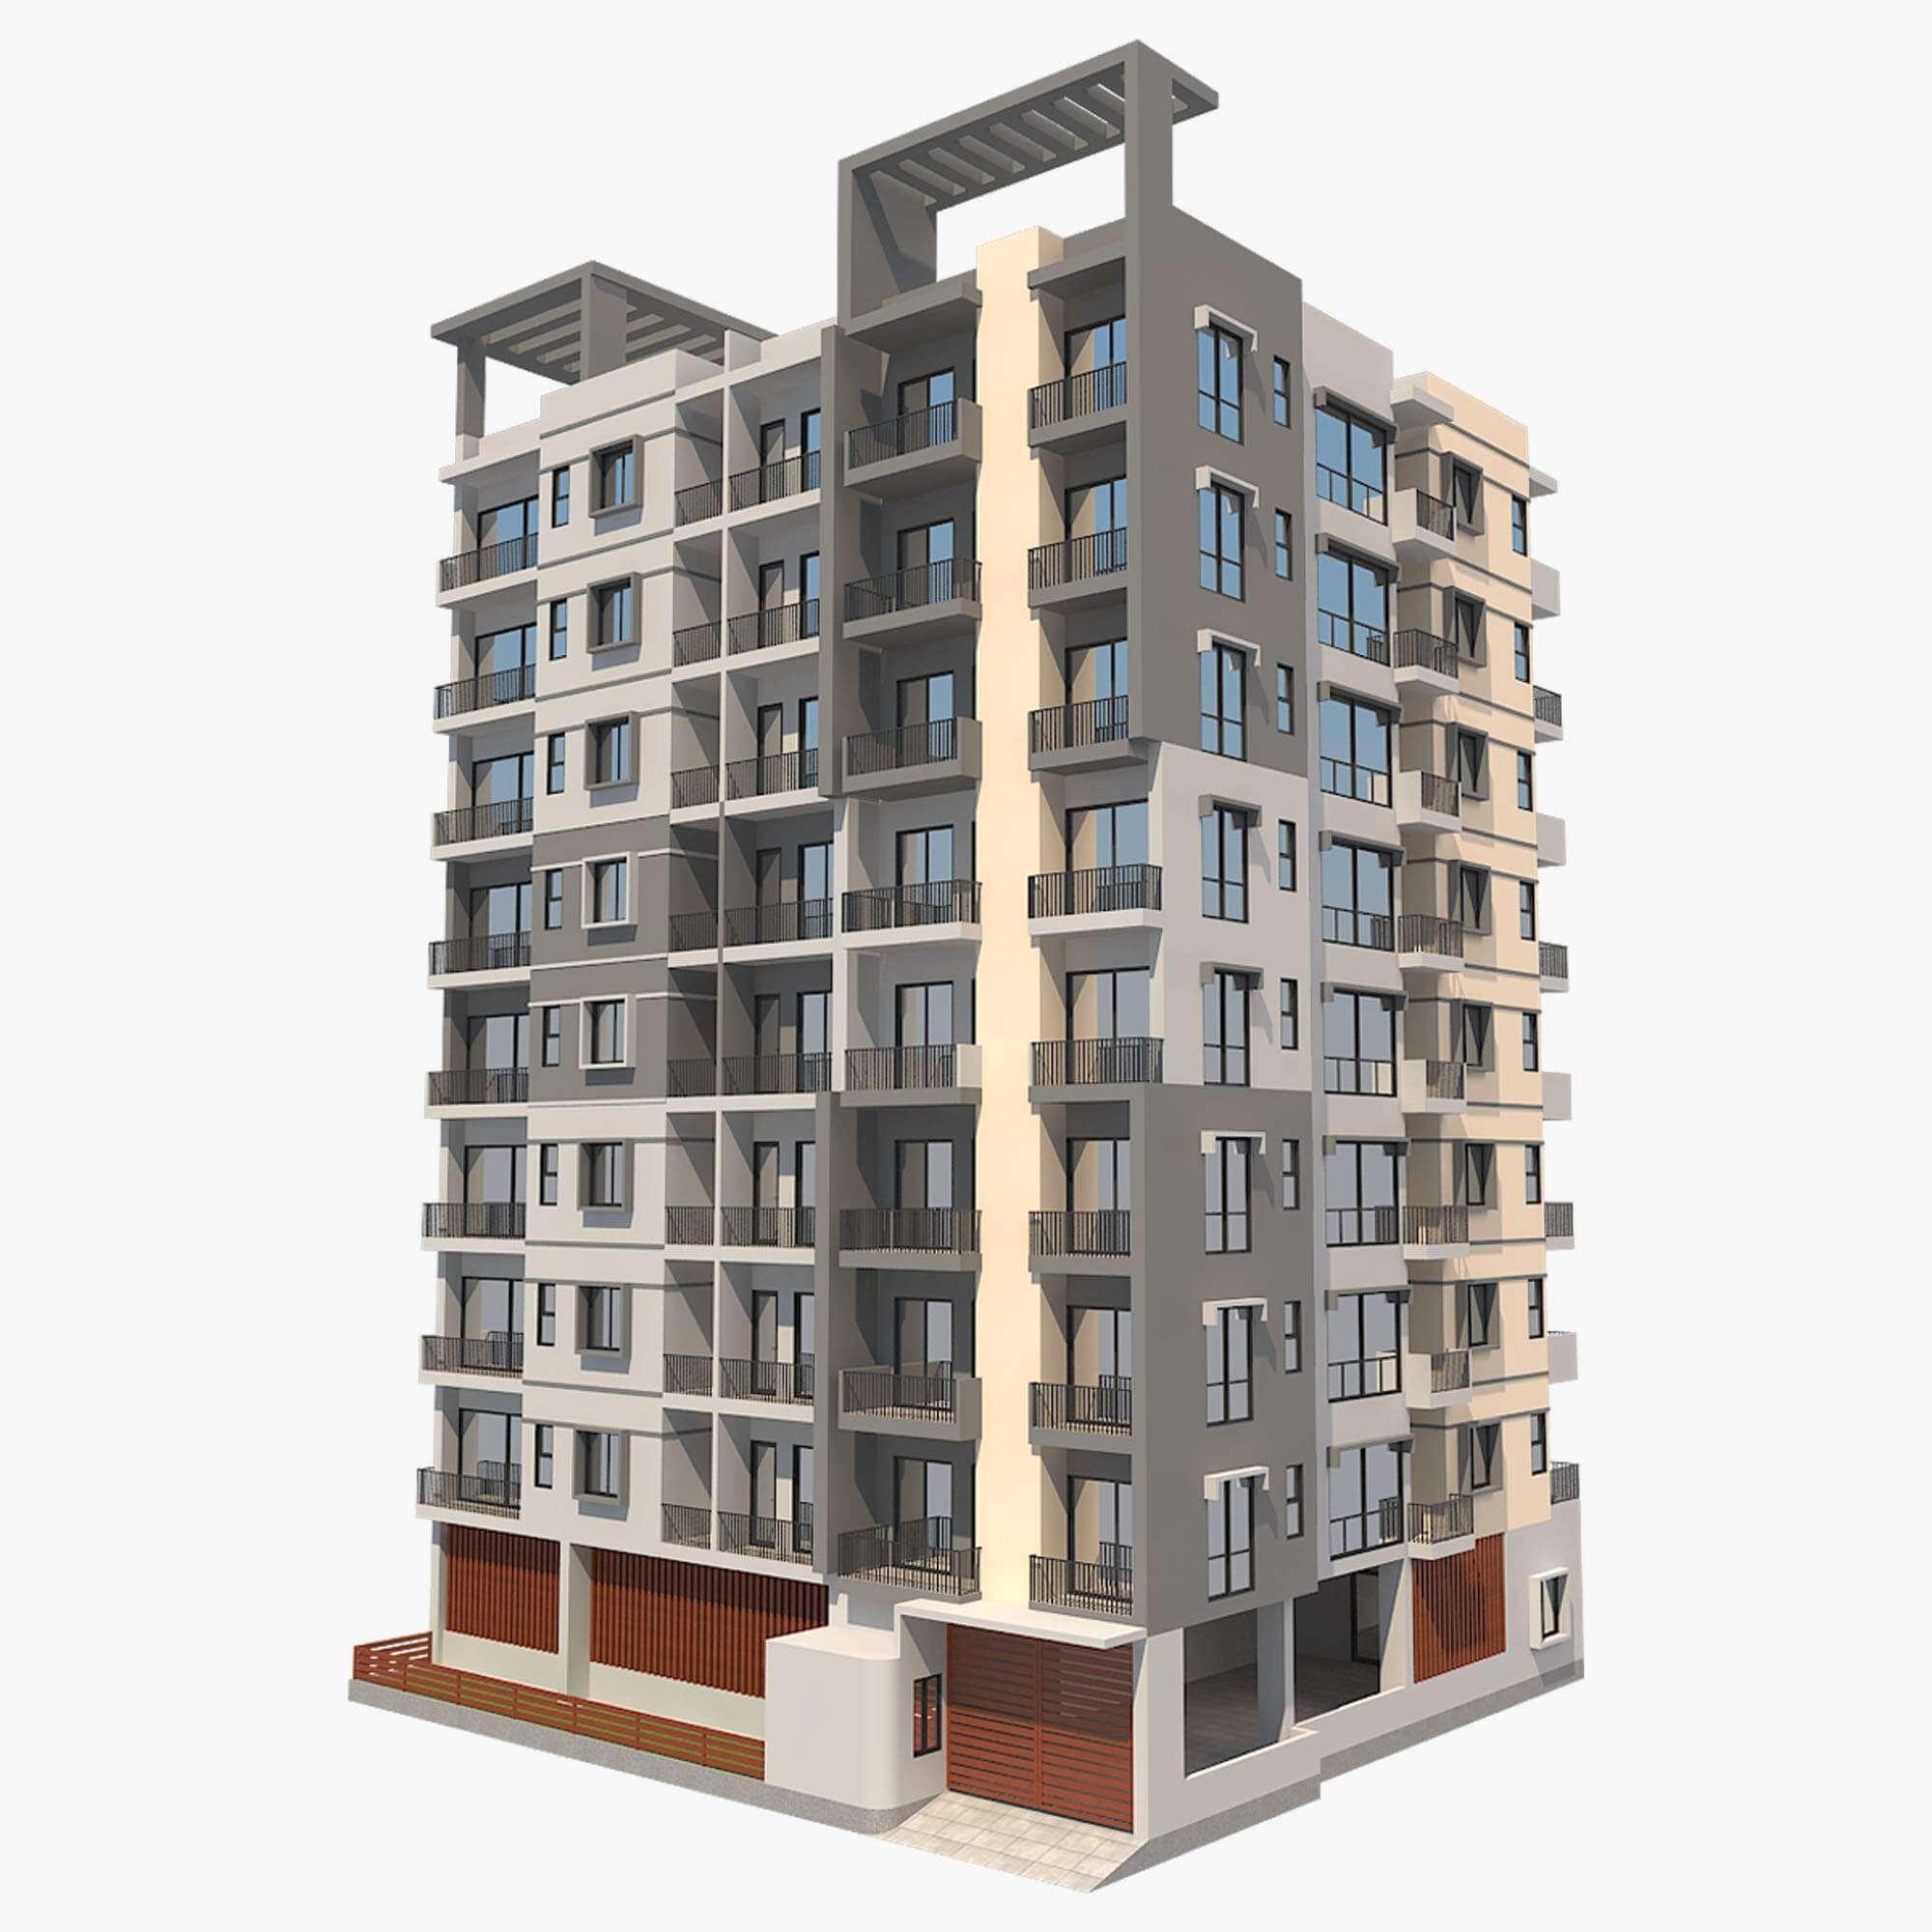 Model Apartments: Apartment Building 2 3D Model